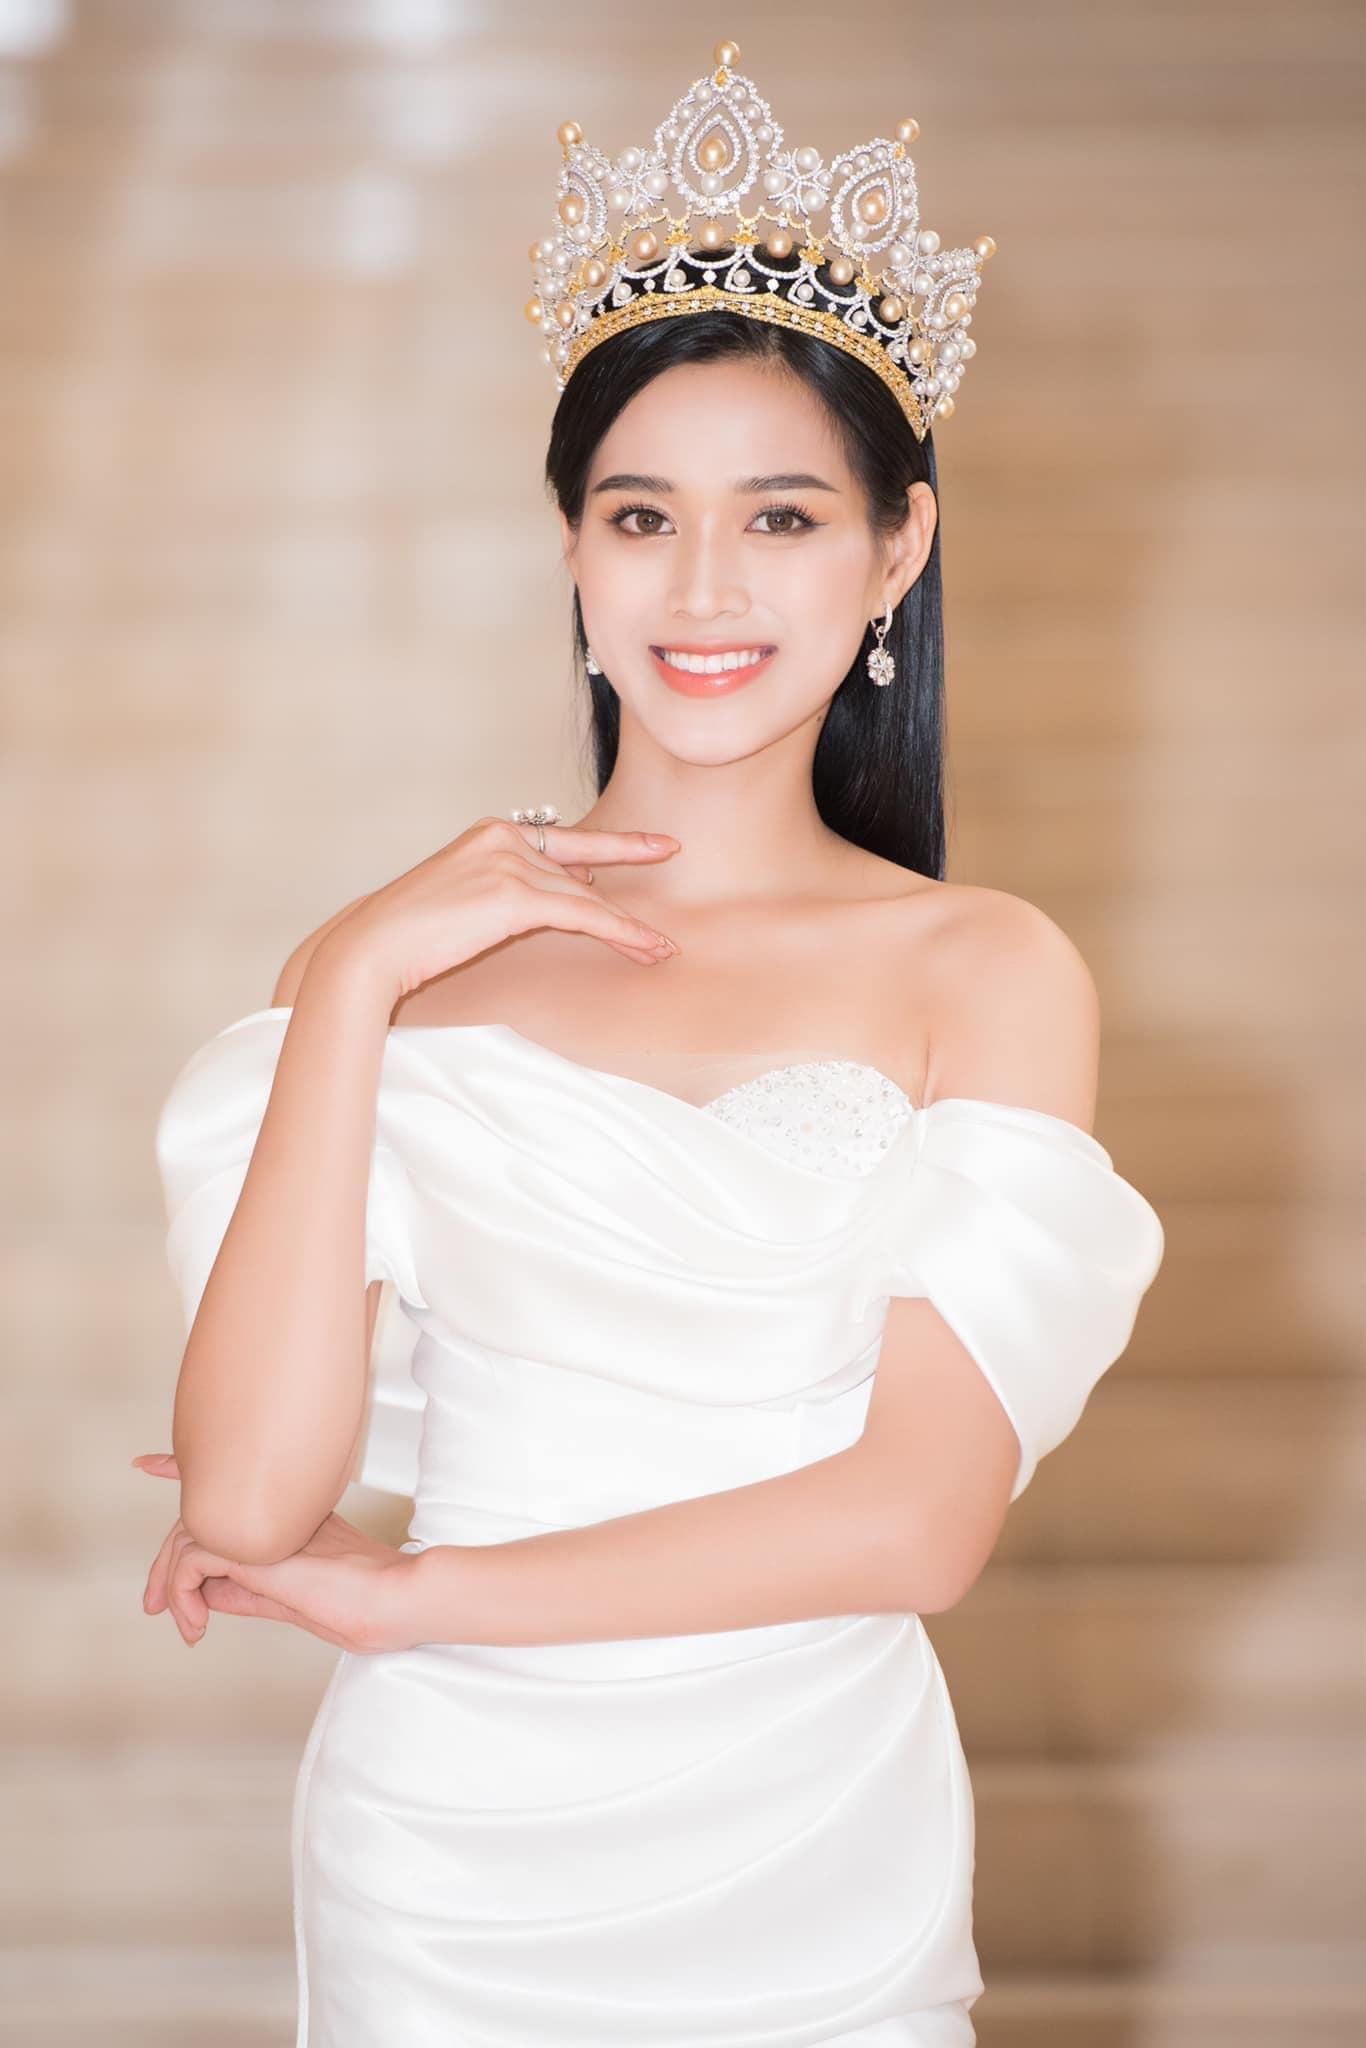 """Đỗ Thị Hà có nét giống """"hoa hậu đẹp nhất Trung Quốc"""", U40 vẫn là tượng đài nhan sắc - 1"""